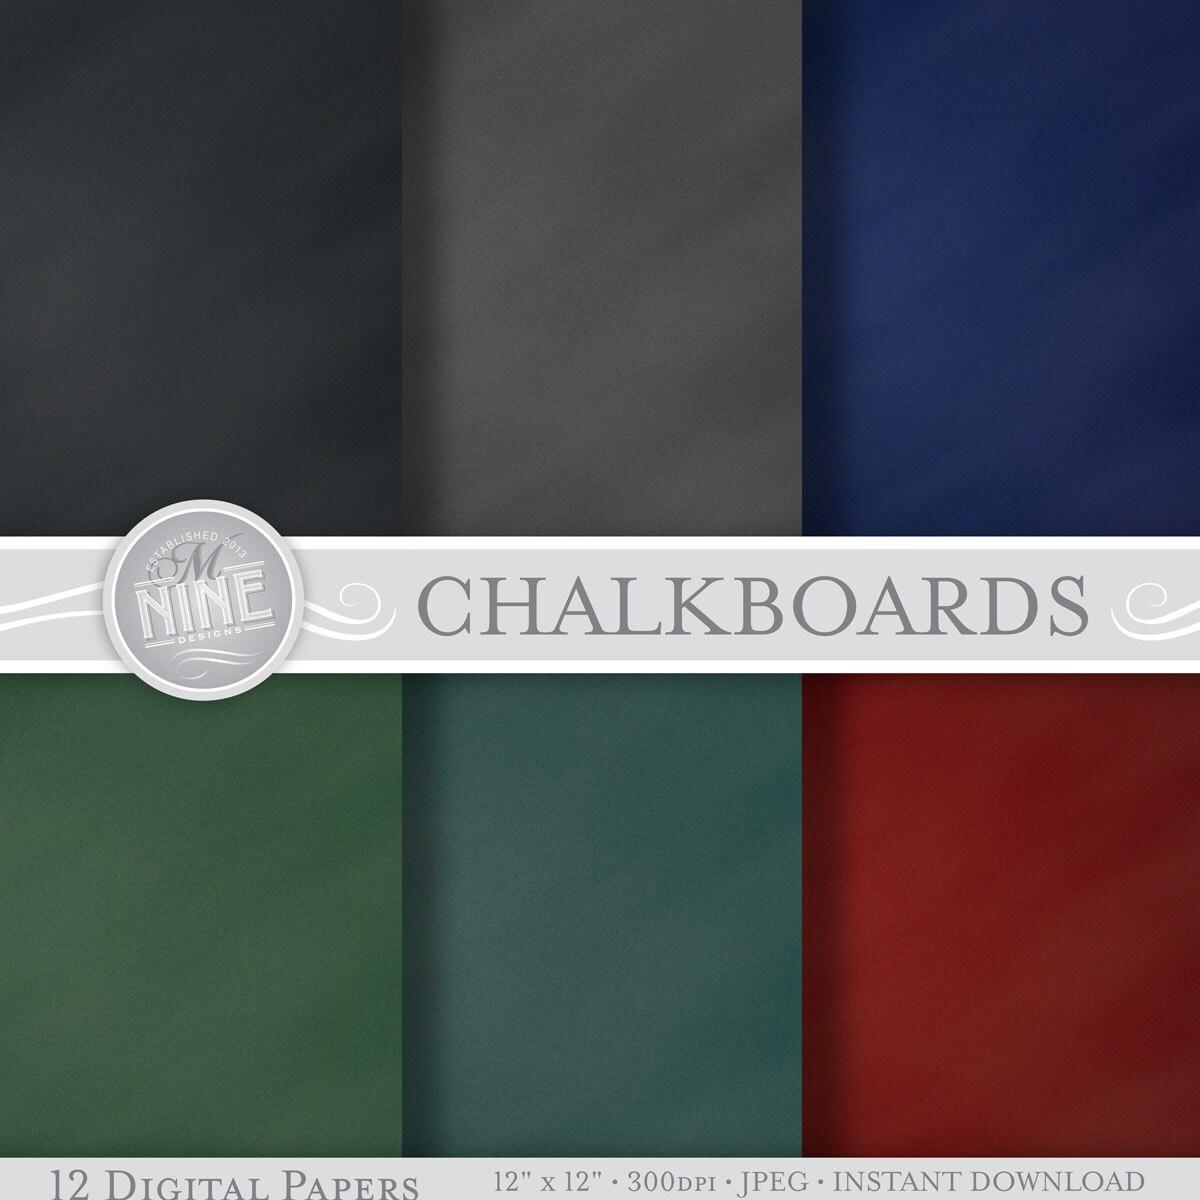 93 Free chalkboard fonts - FontSpace